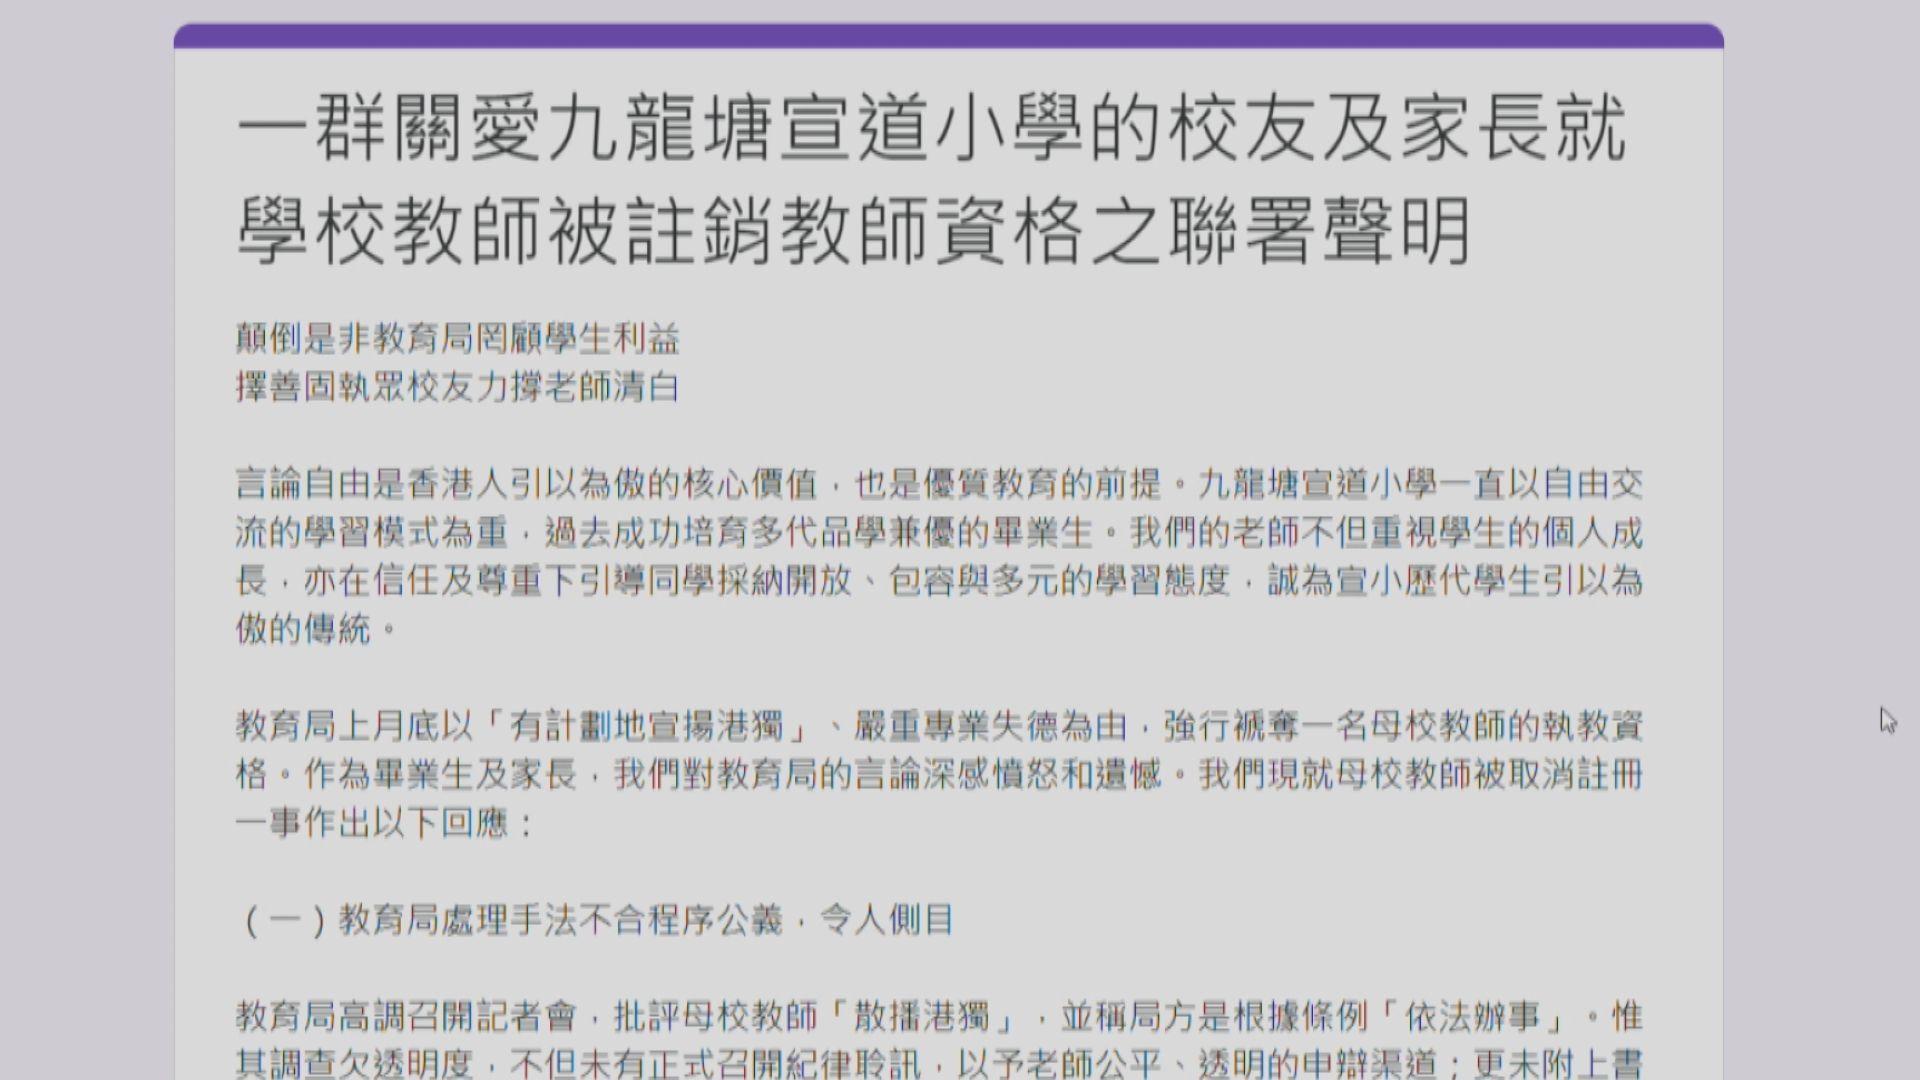 有九龍塘宣道小學校友及家長聯署 抗議教師註冊被取消